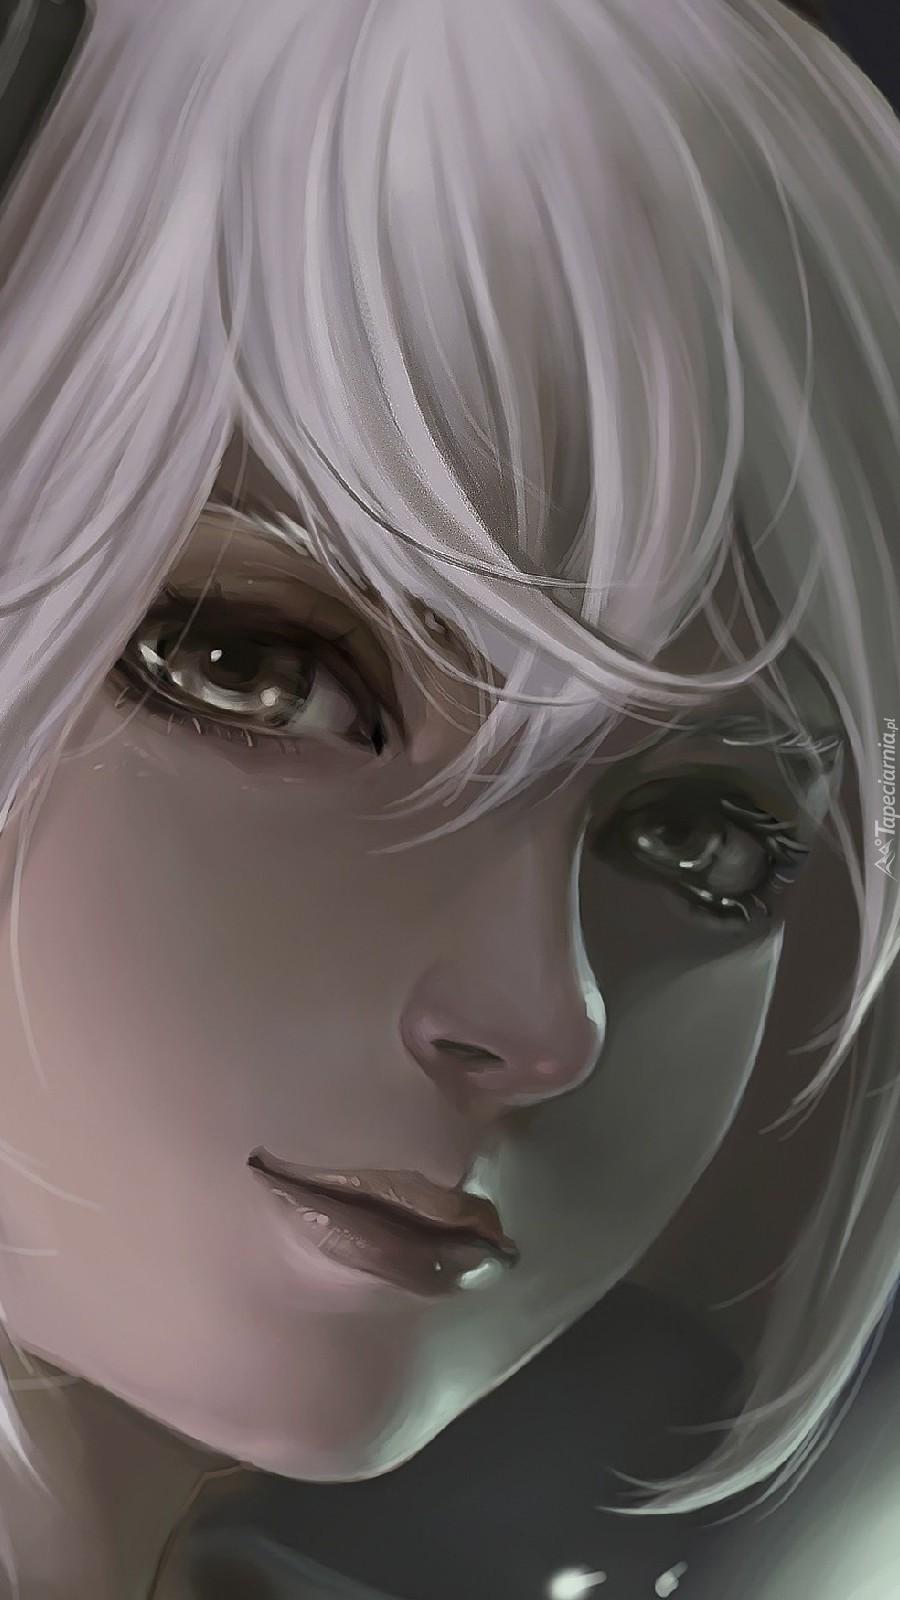 Dziewczyna o białych włosach